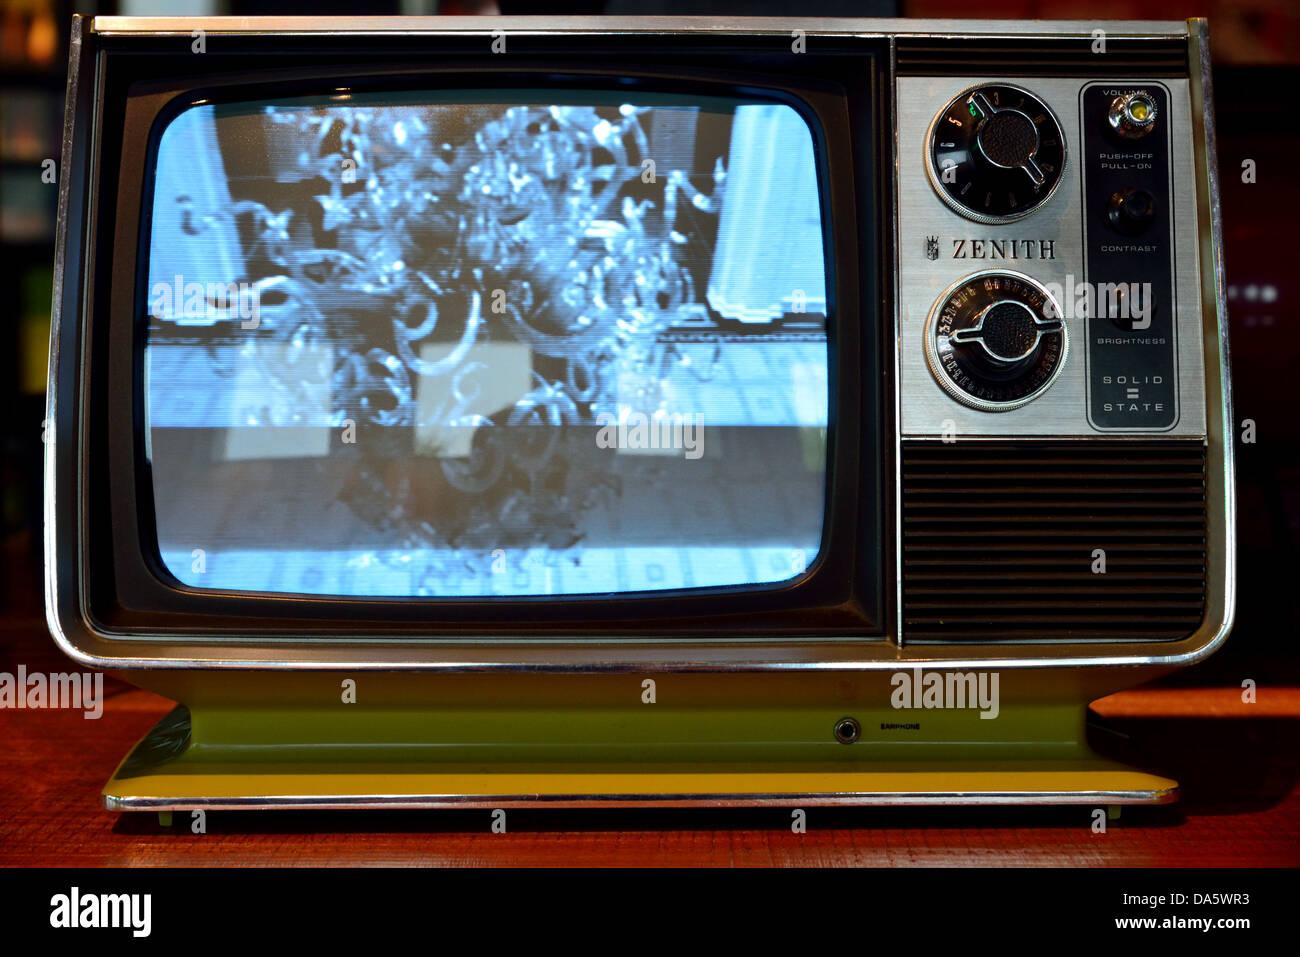 Eine Alte Zenith Schwarz Weiss Fernseher Stockfoto Bild 57907671